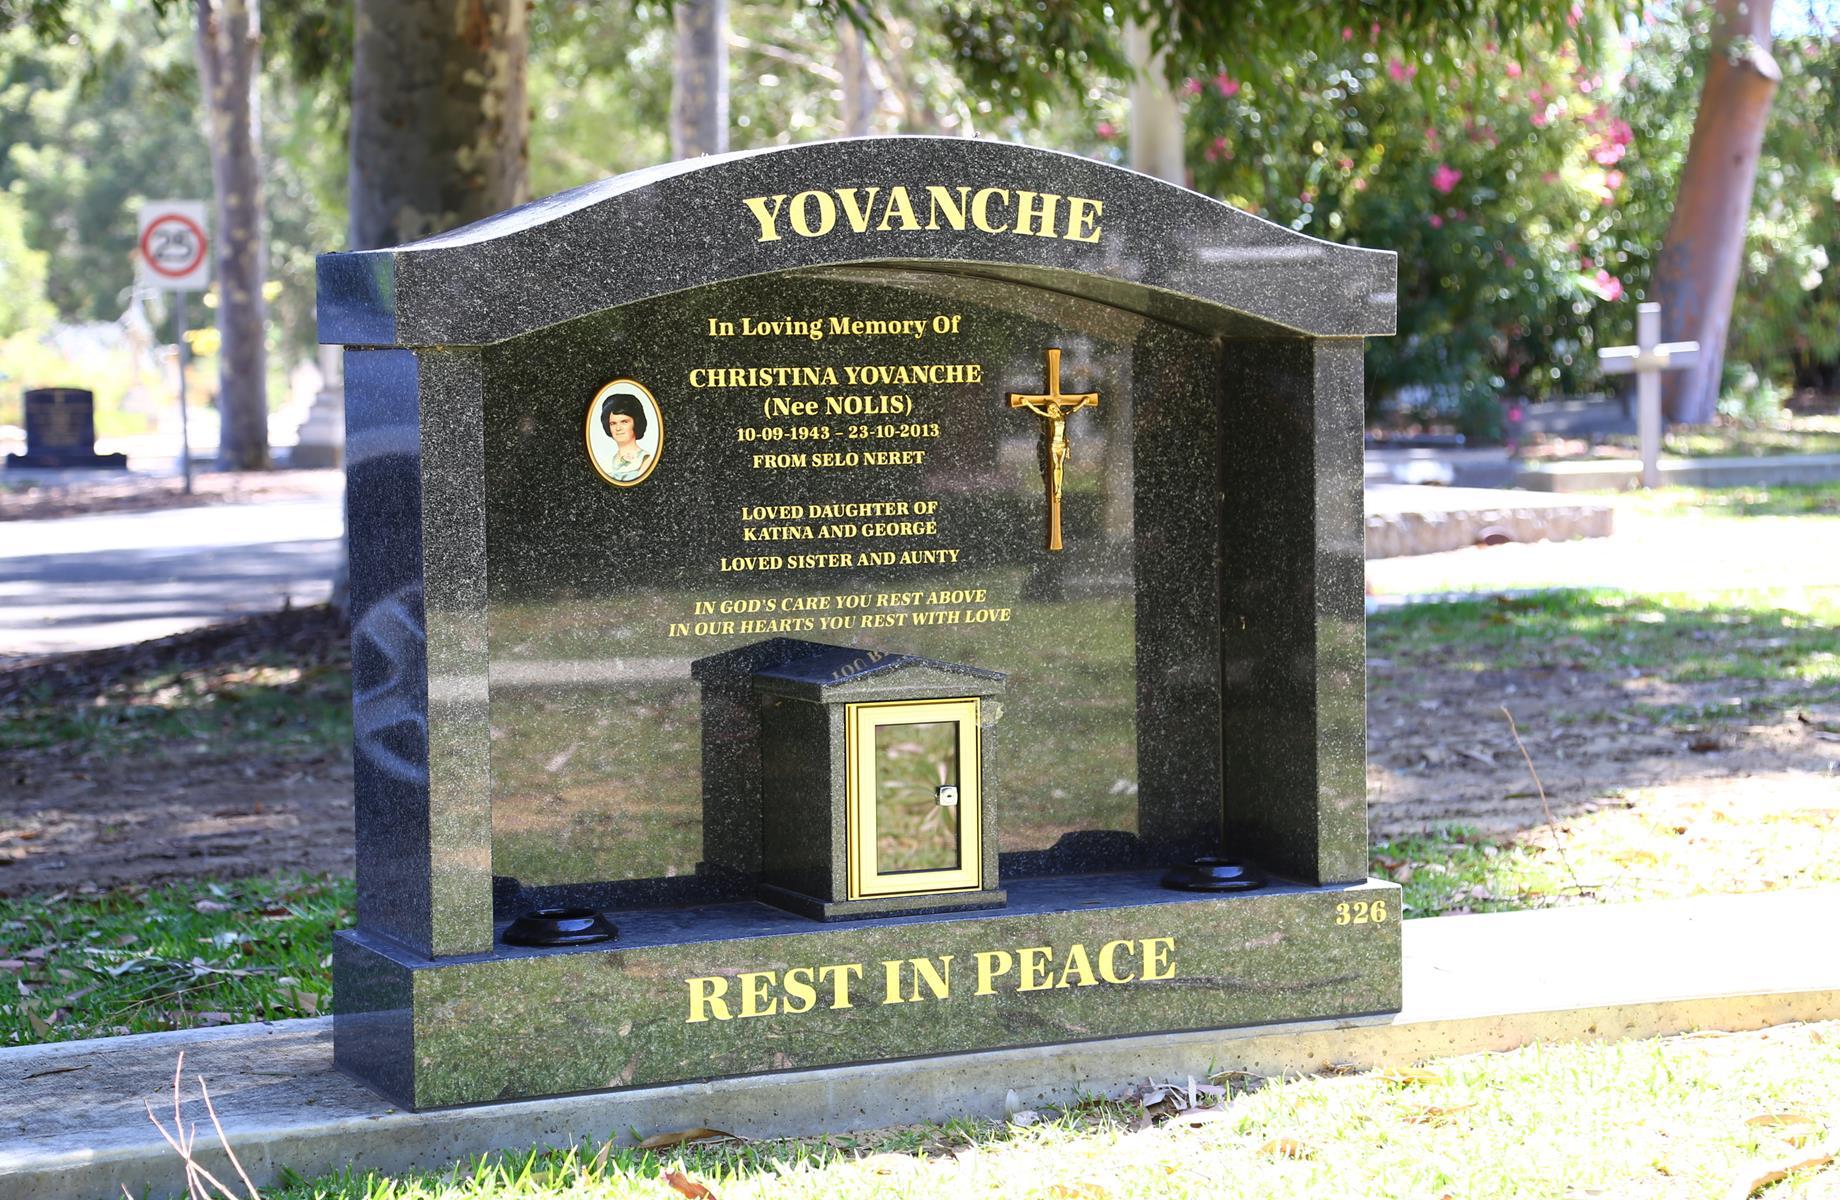 Yovanche